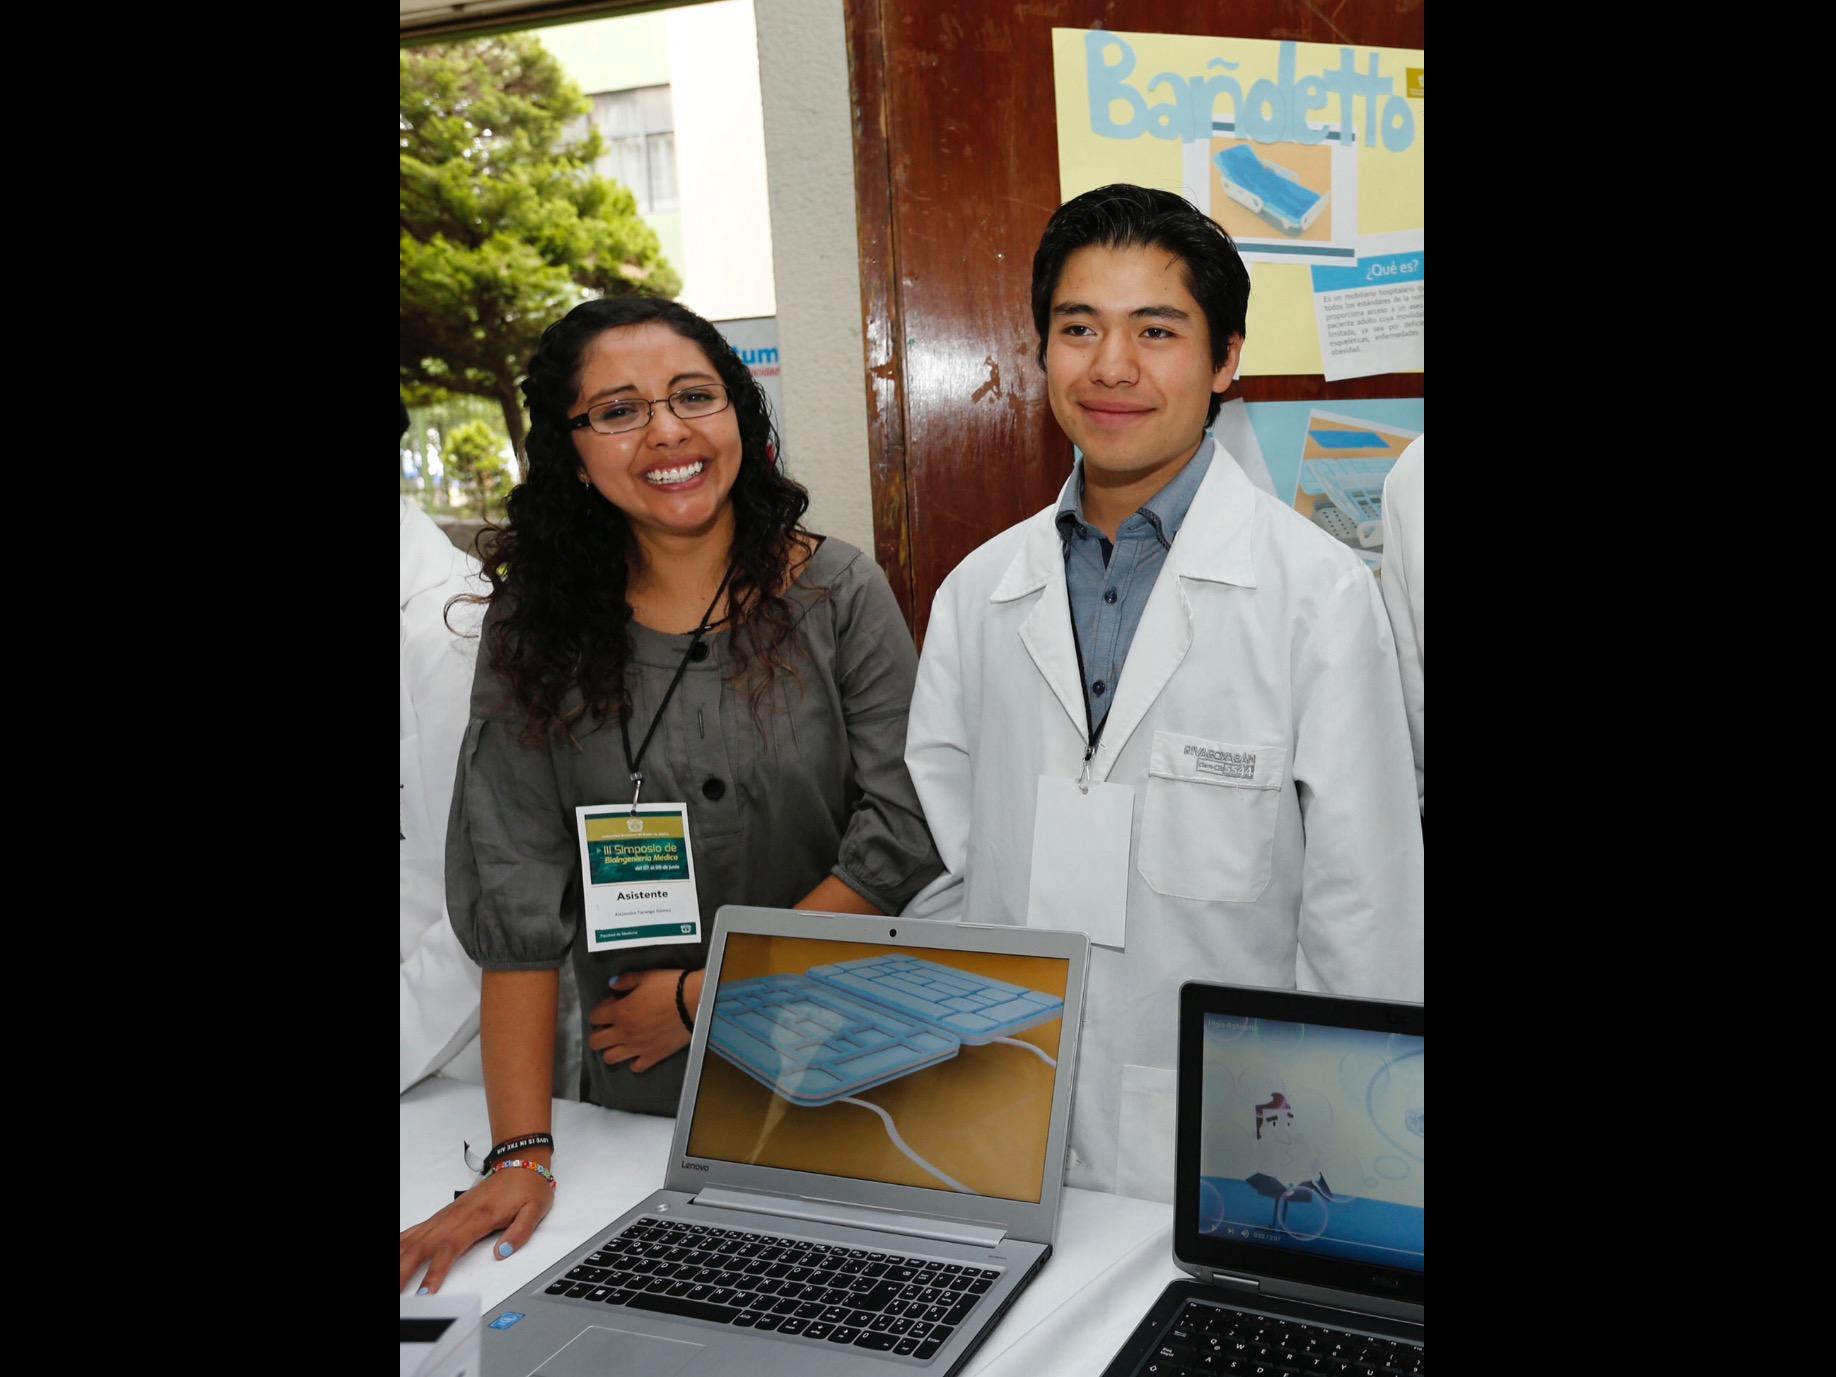 Bañoletto, proyecto clínico de alumnos de UAEM